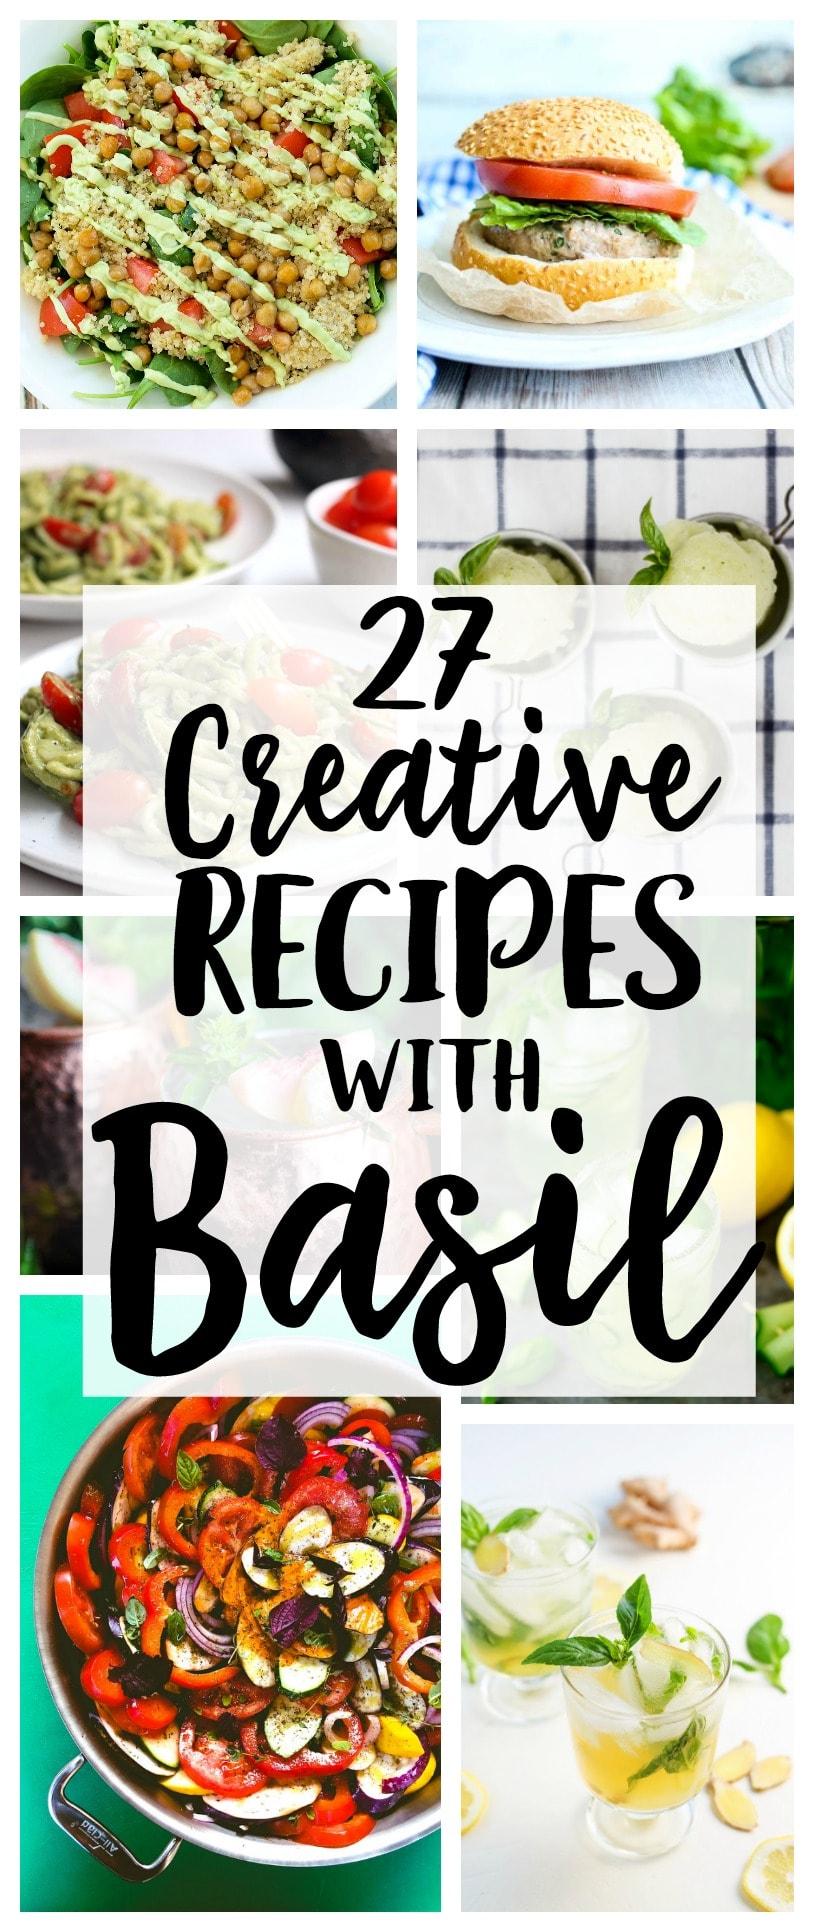 Basil recipes | summer garden | easy recipes | summer recipes